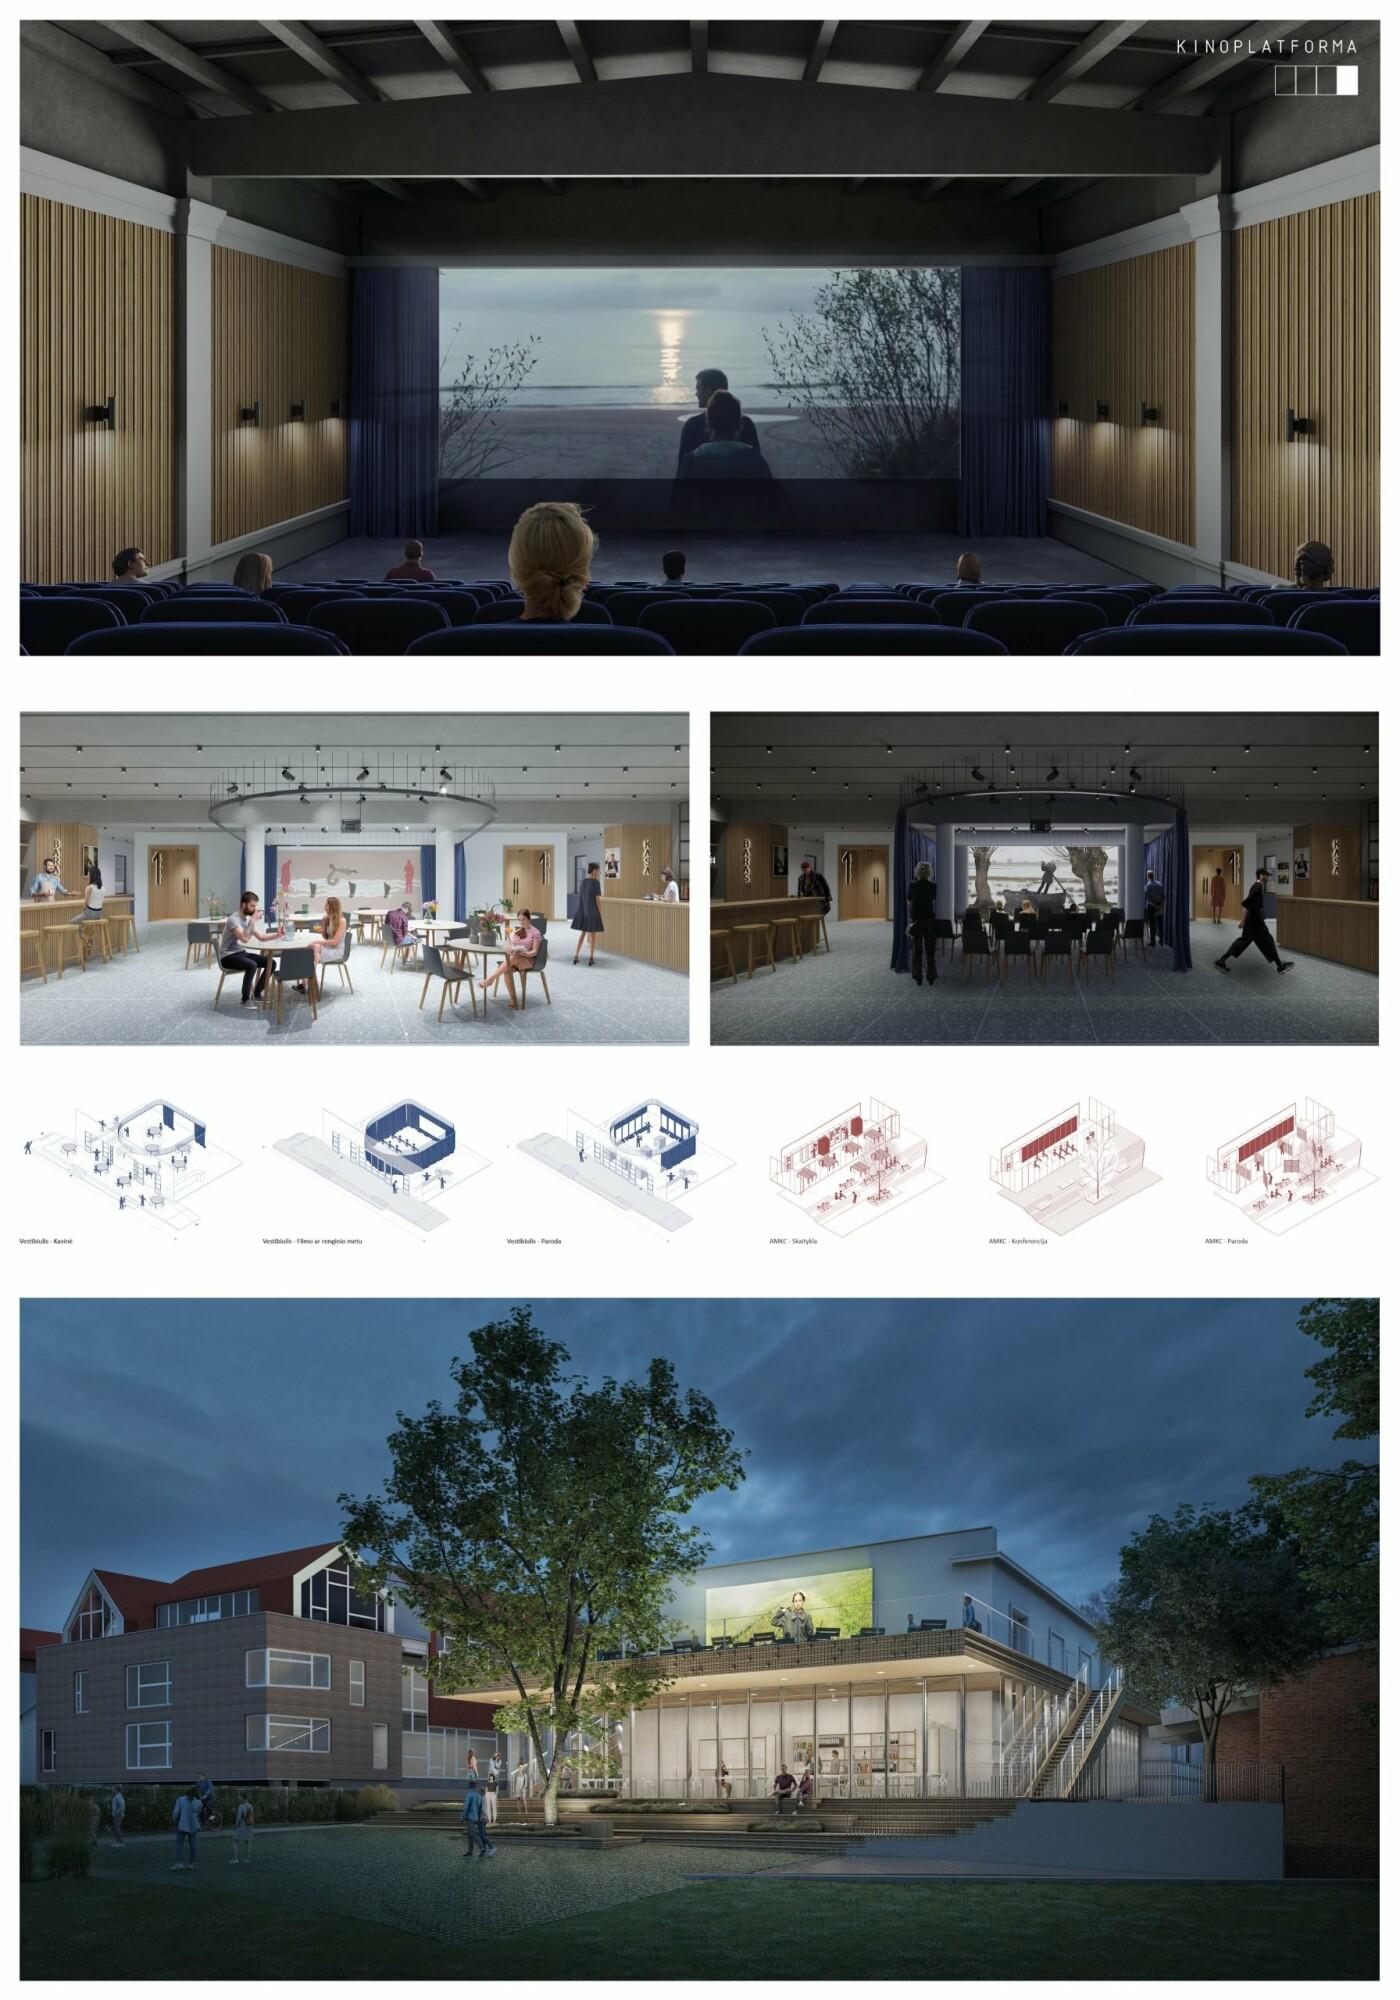 """Kino teatro """"Naglis"""" konkursui pateikti 7 projektai, nuotrauka-4"""